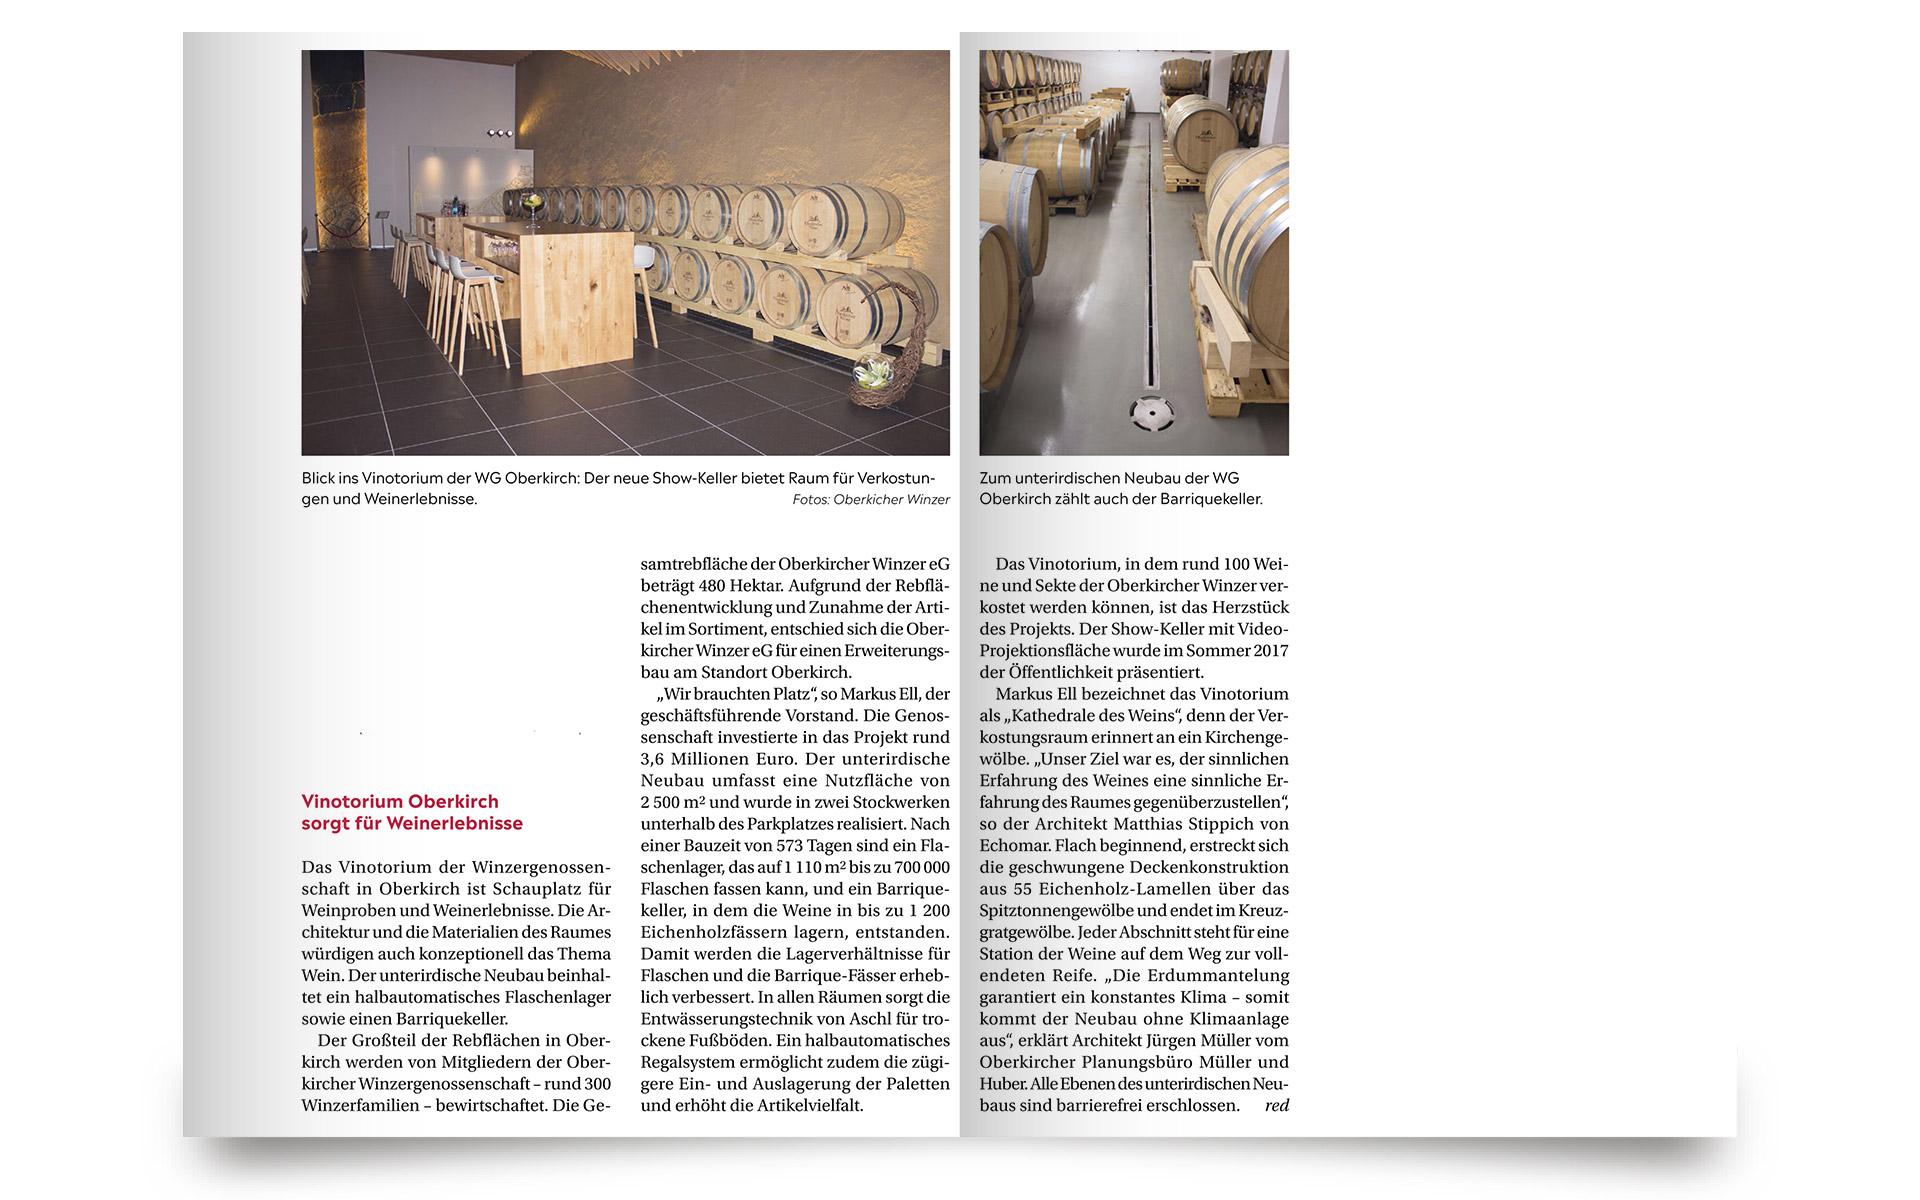 Das Deutsche Weinmagazin - Oberkircher Winzer